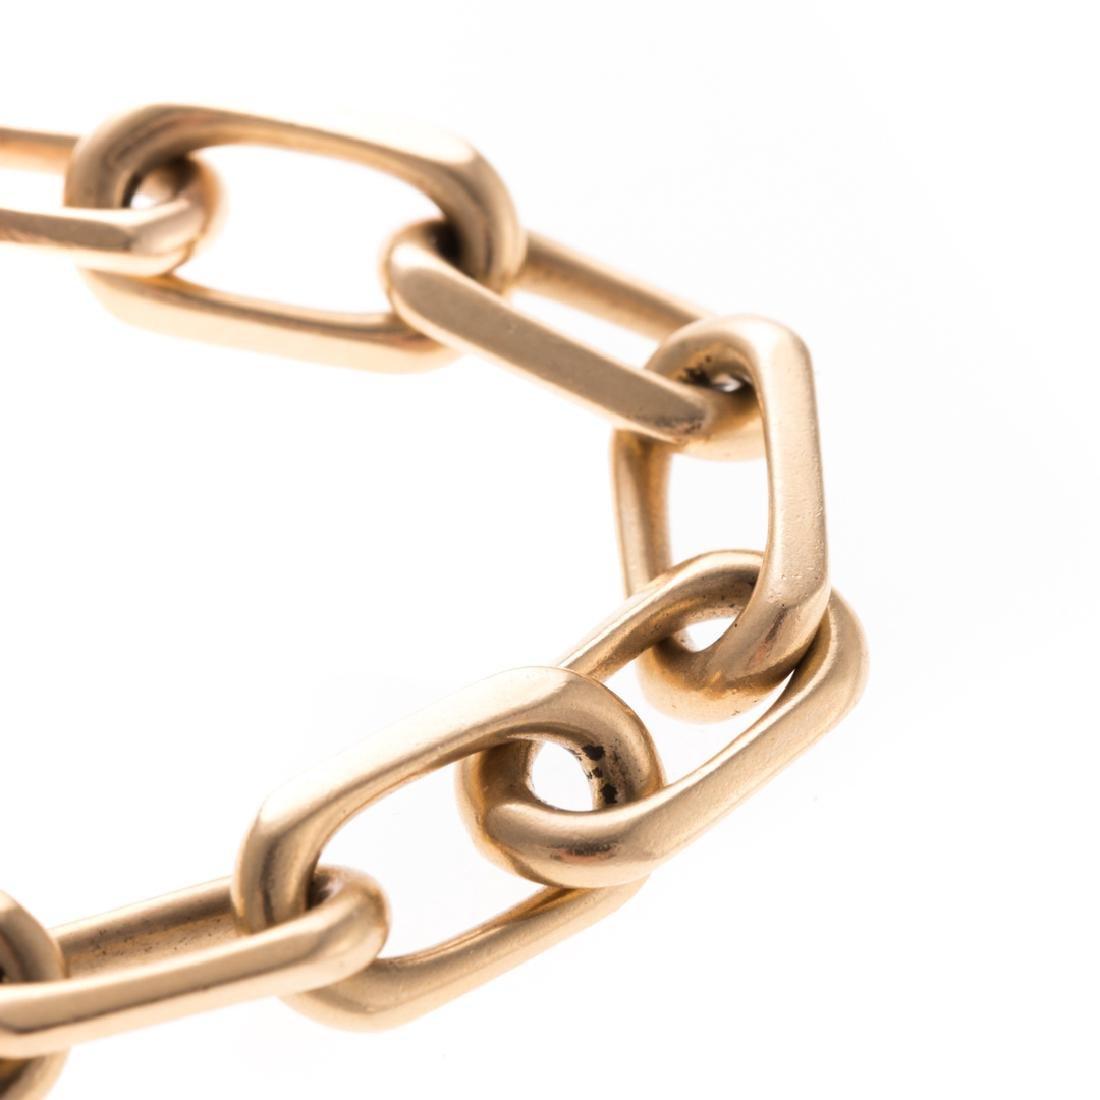 A Lady's Open Link Bracelet in 14K Gold - 2